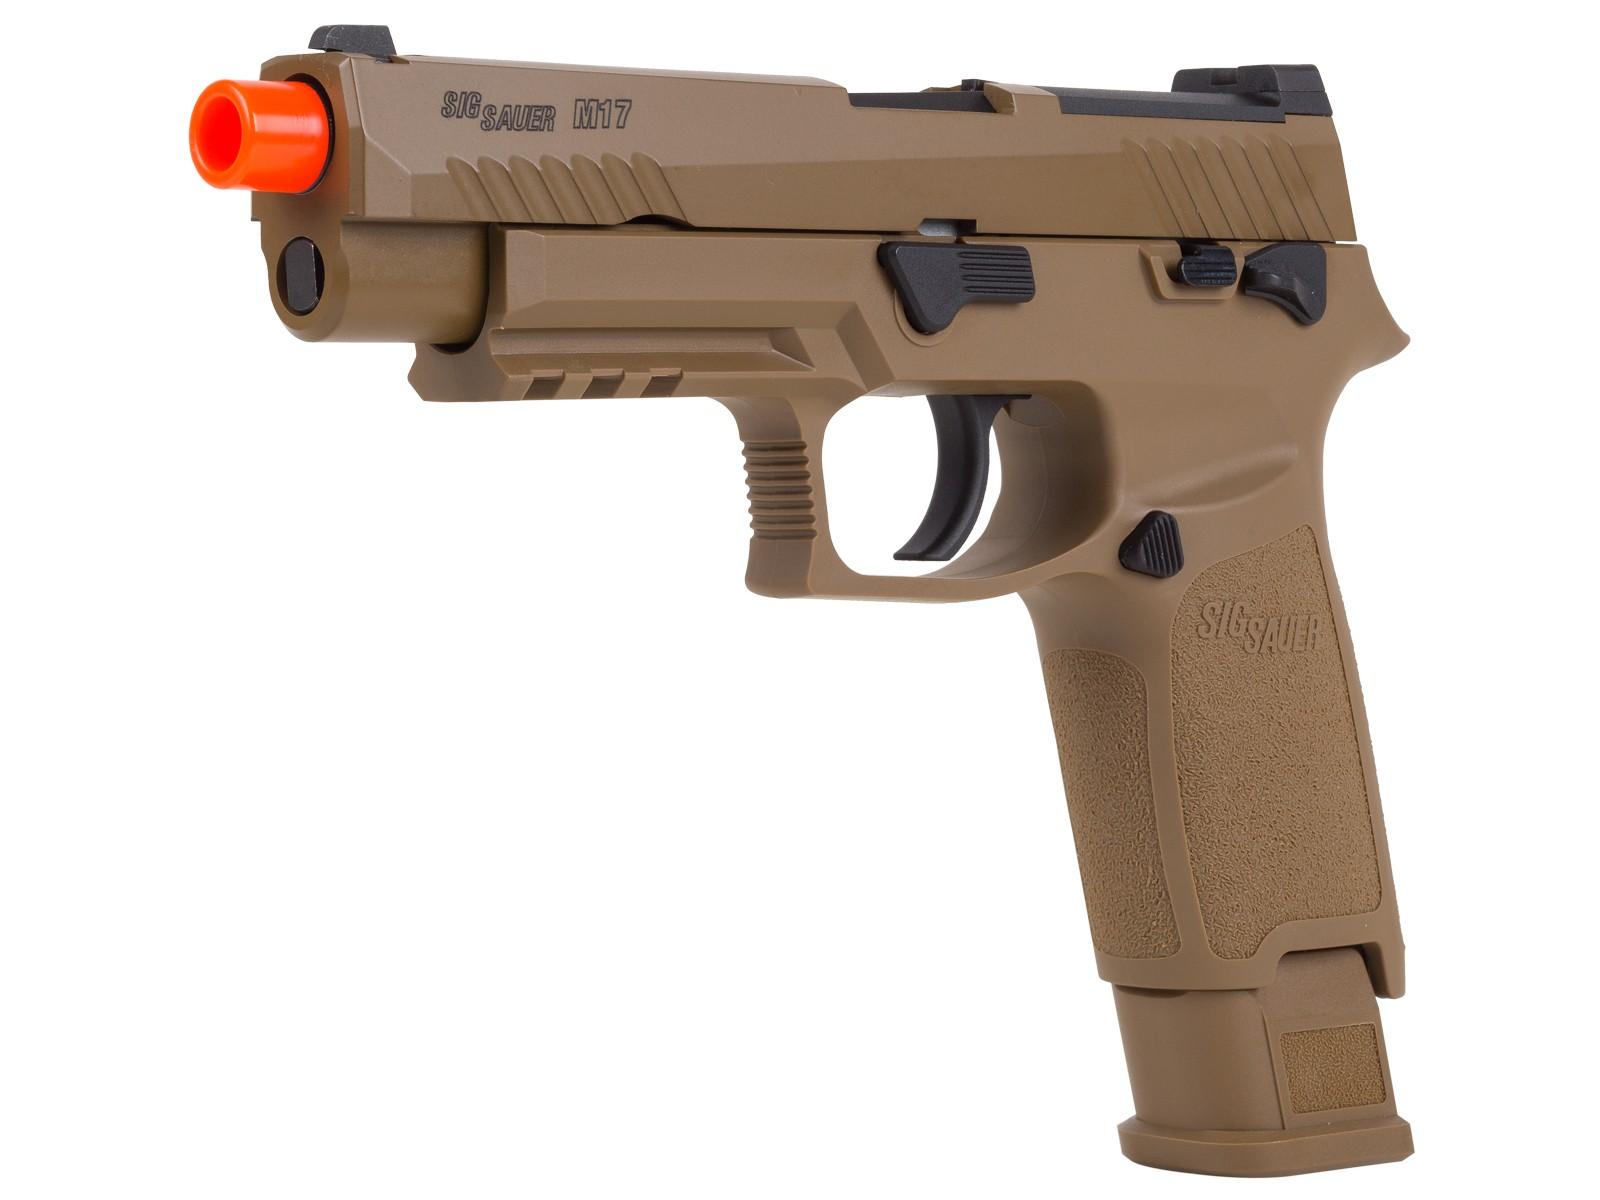 SIG Sauer M17.